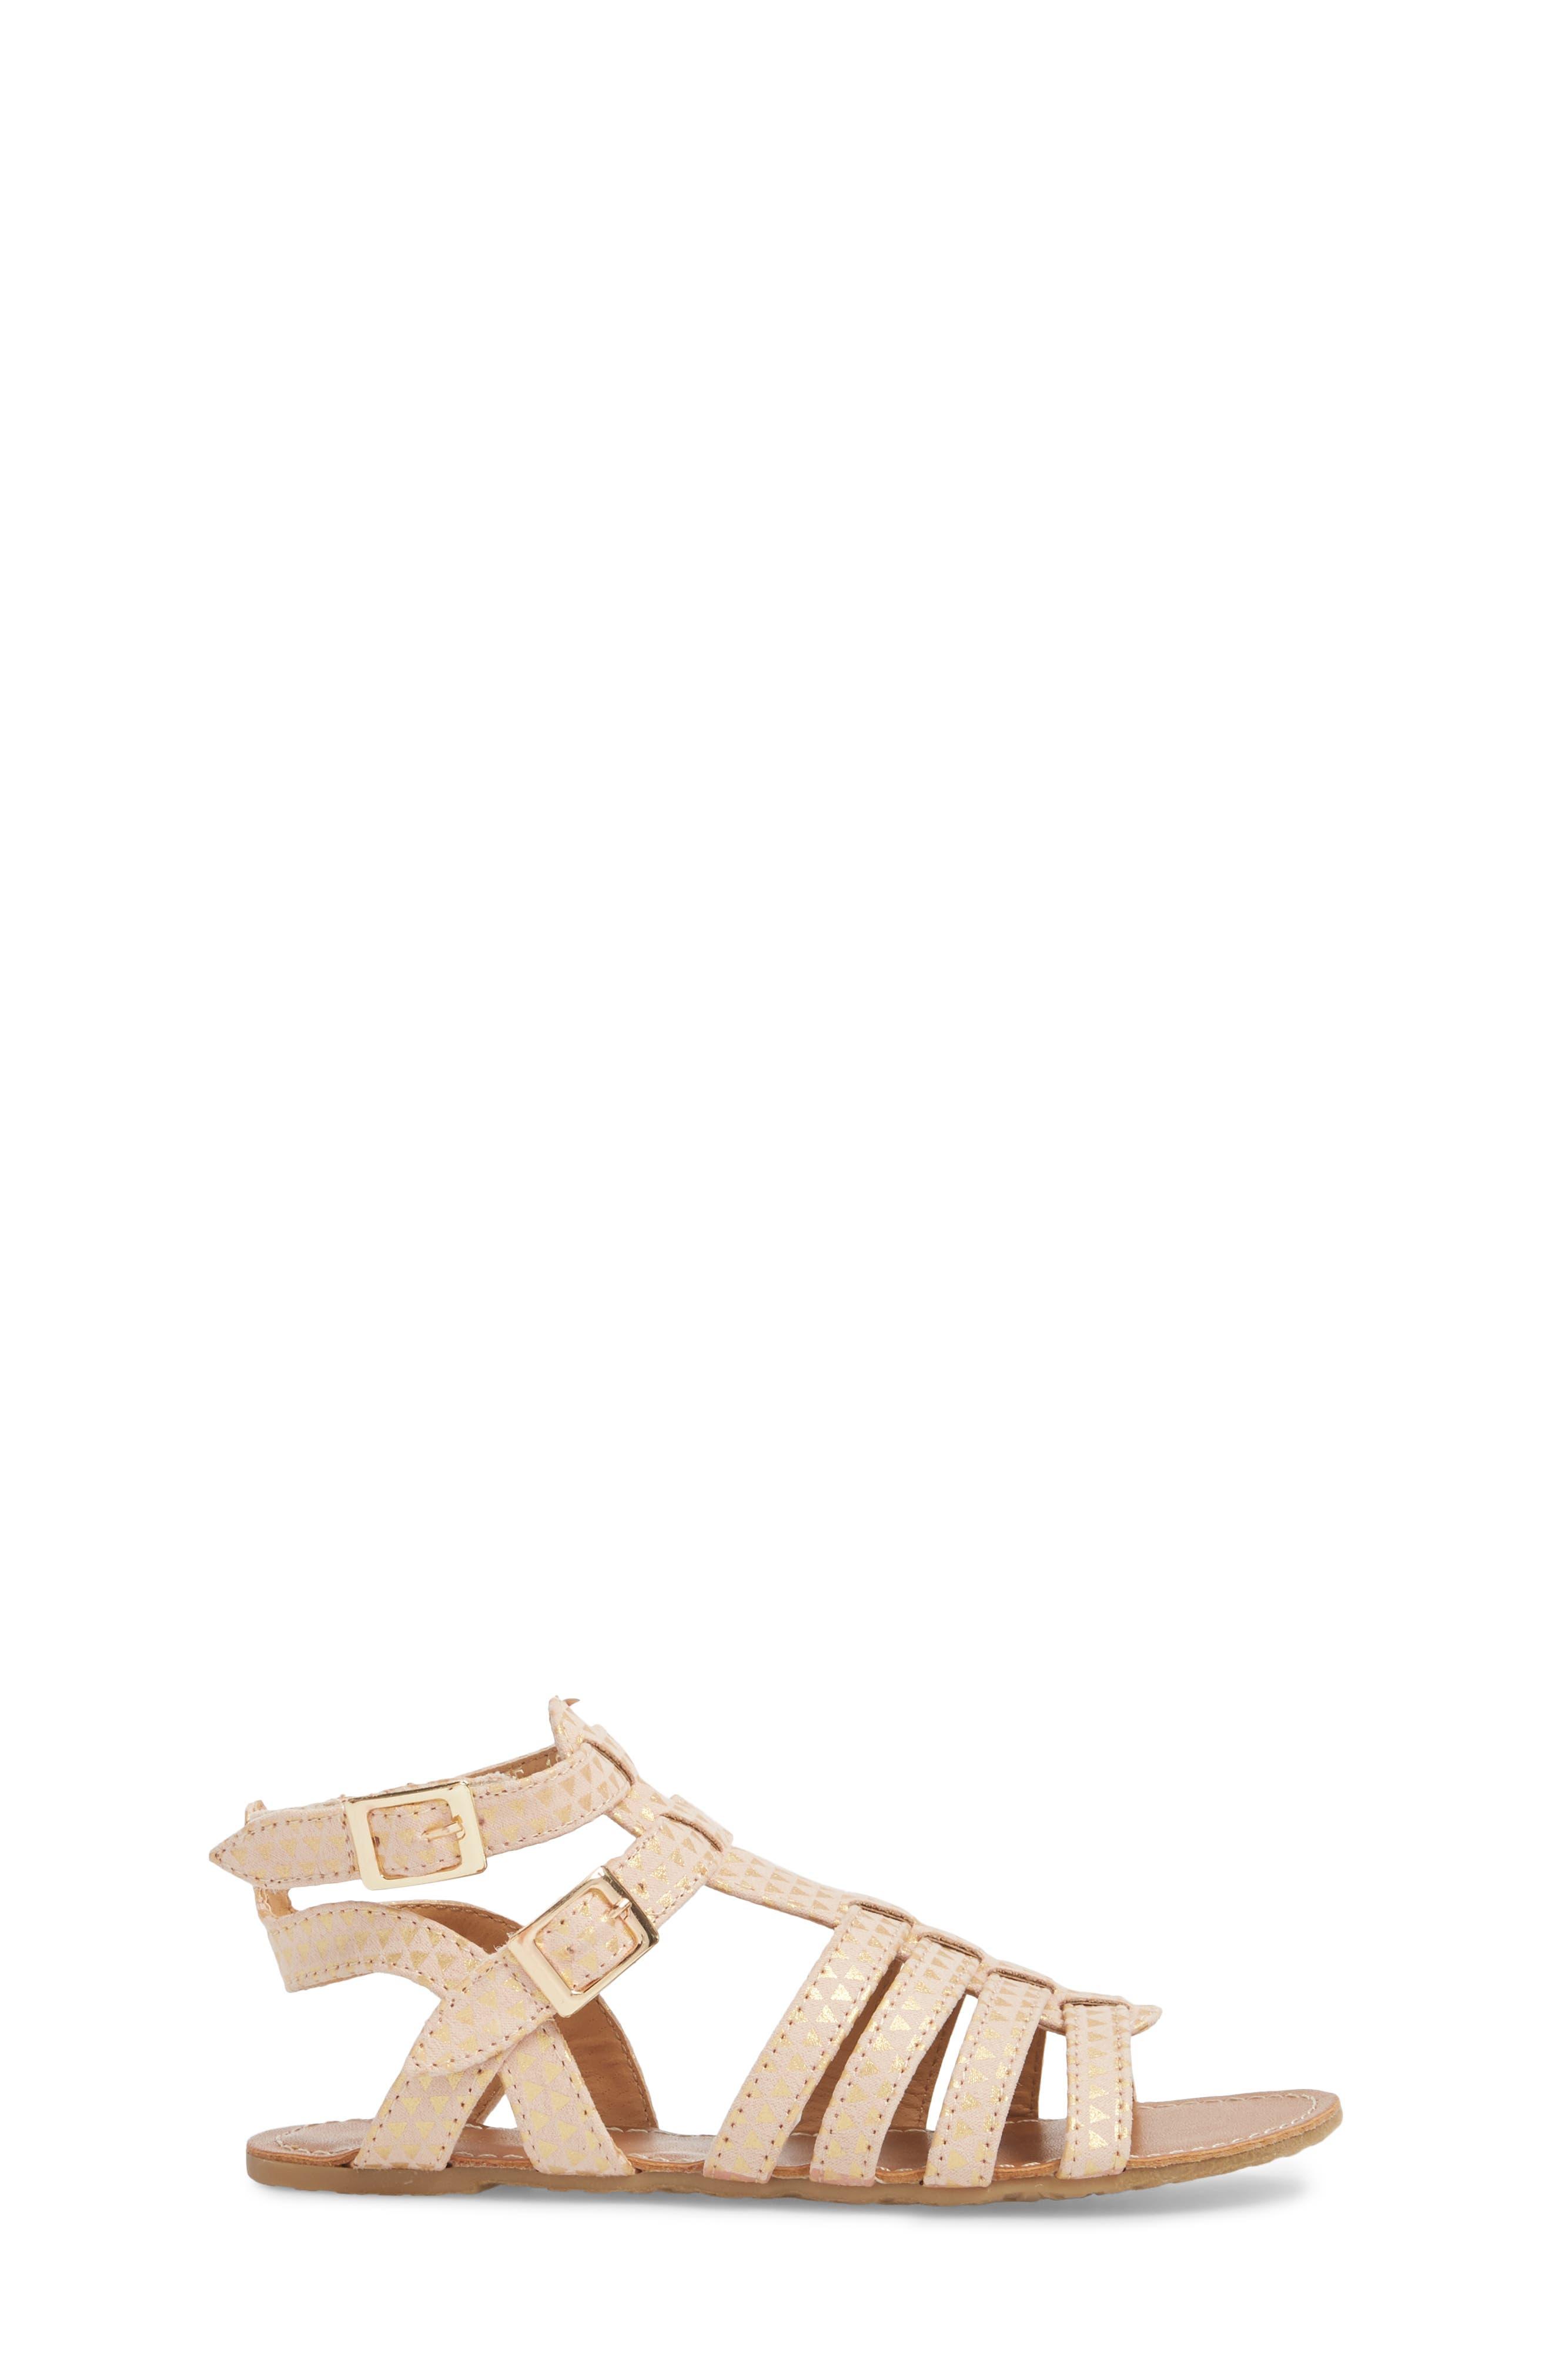 Kiera Bite Metallic Sandal,                             Alternate thumbnail 3, color,